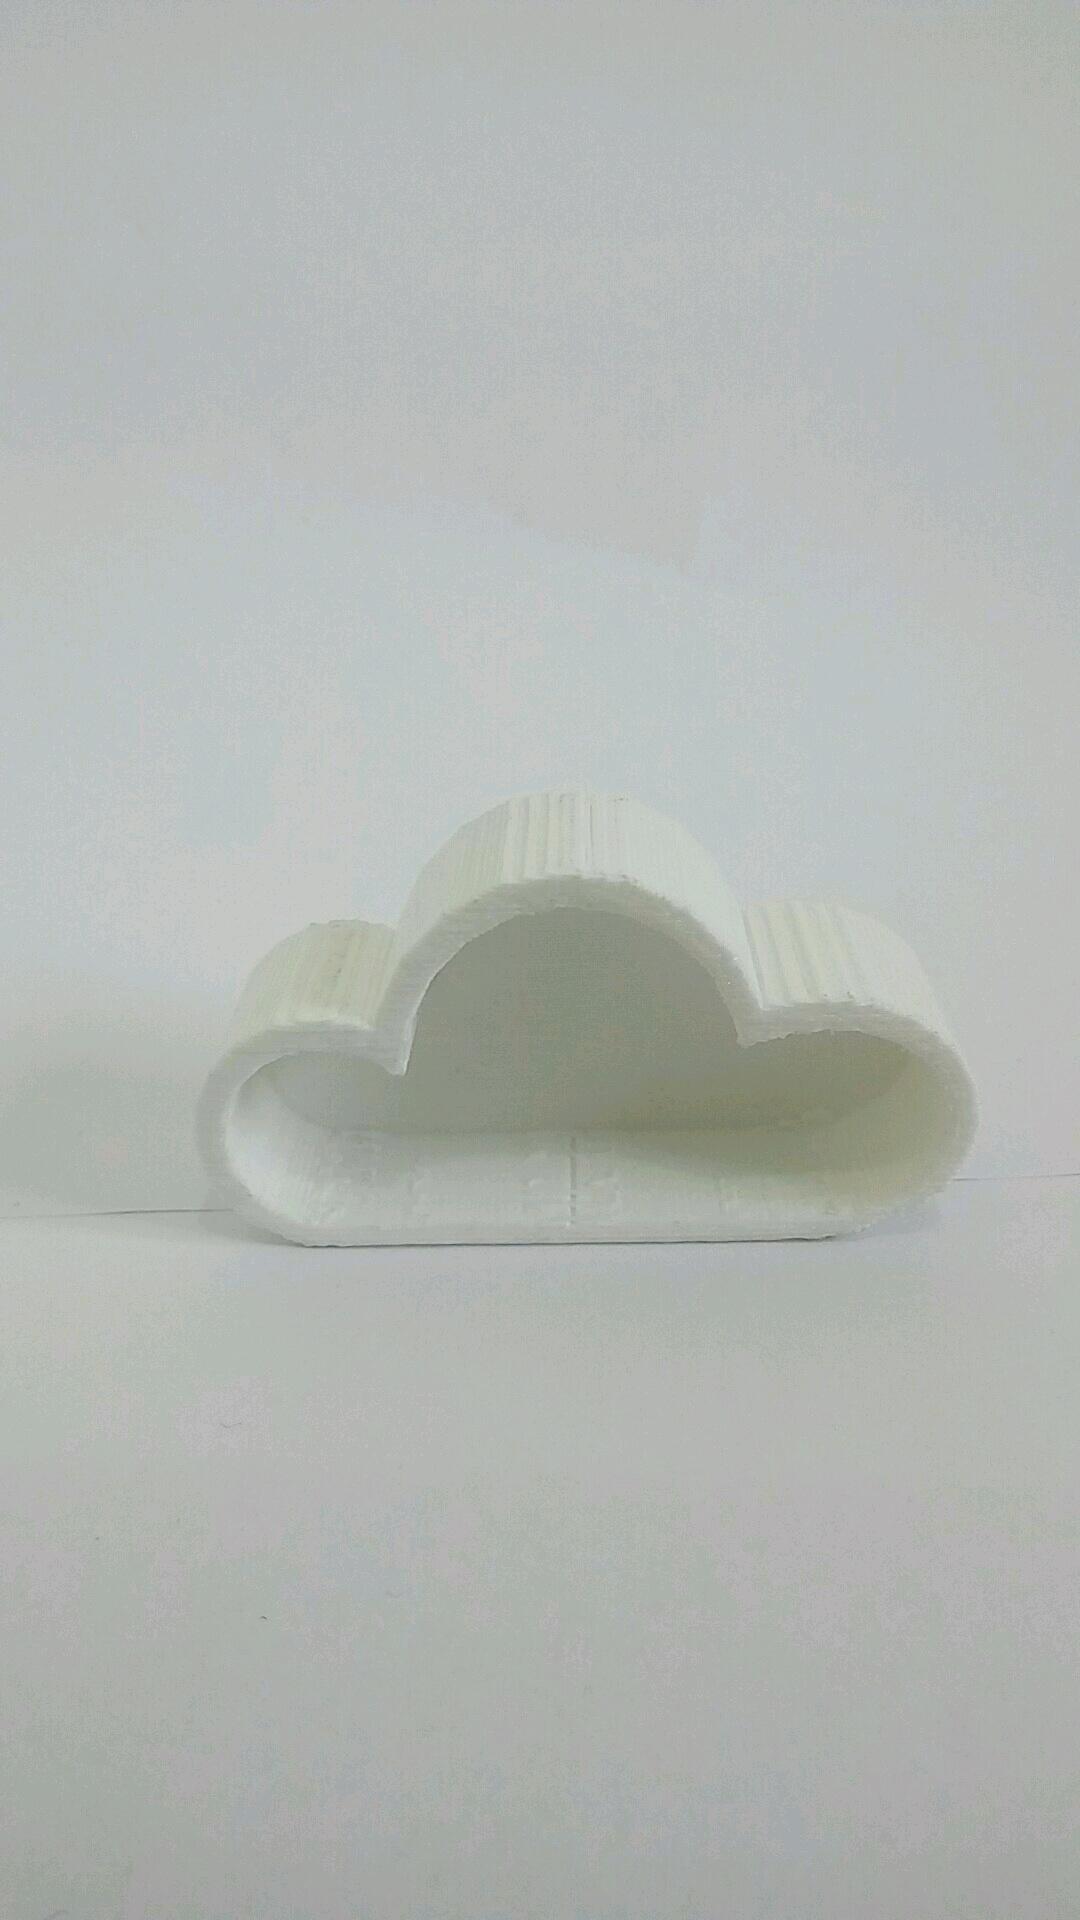 הענן הממגנט